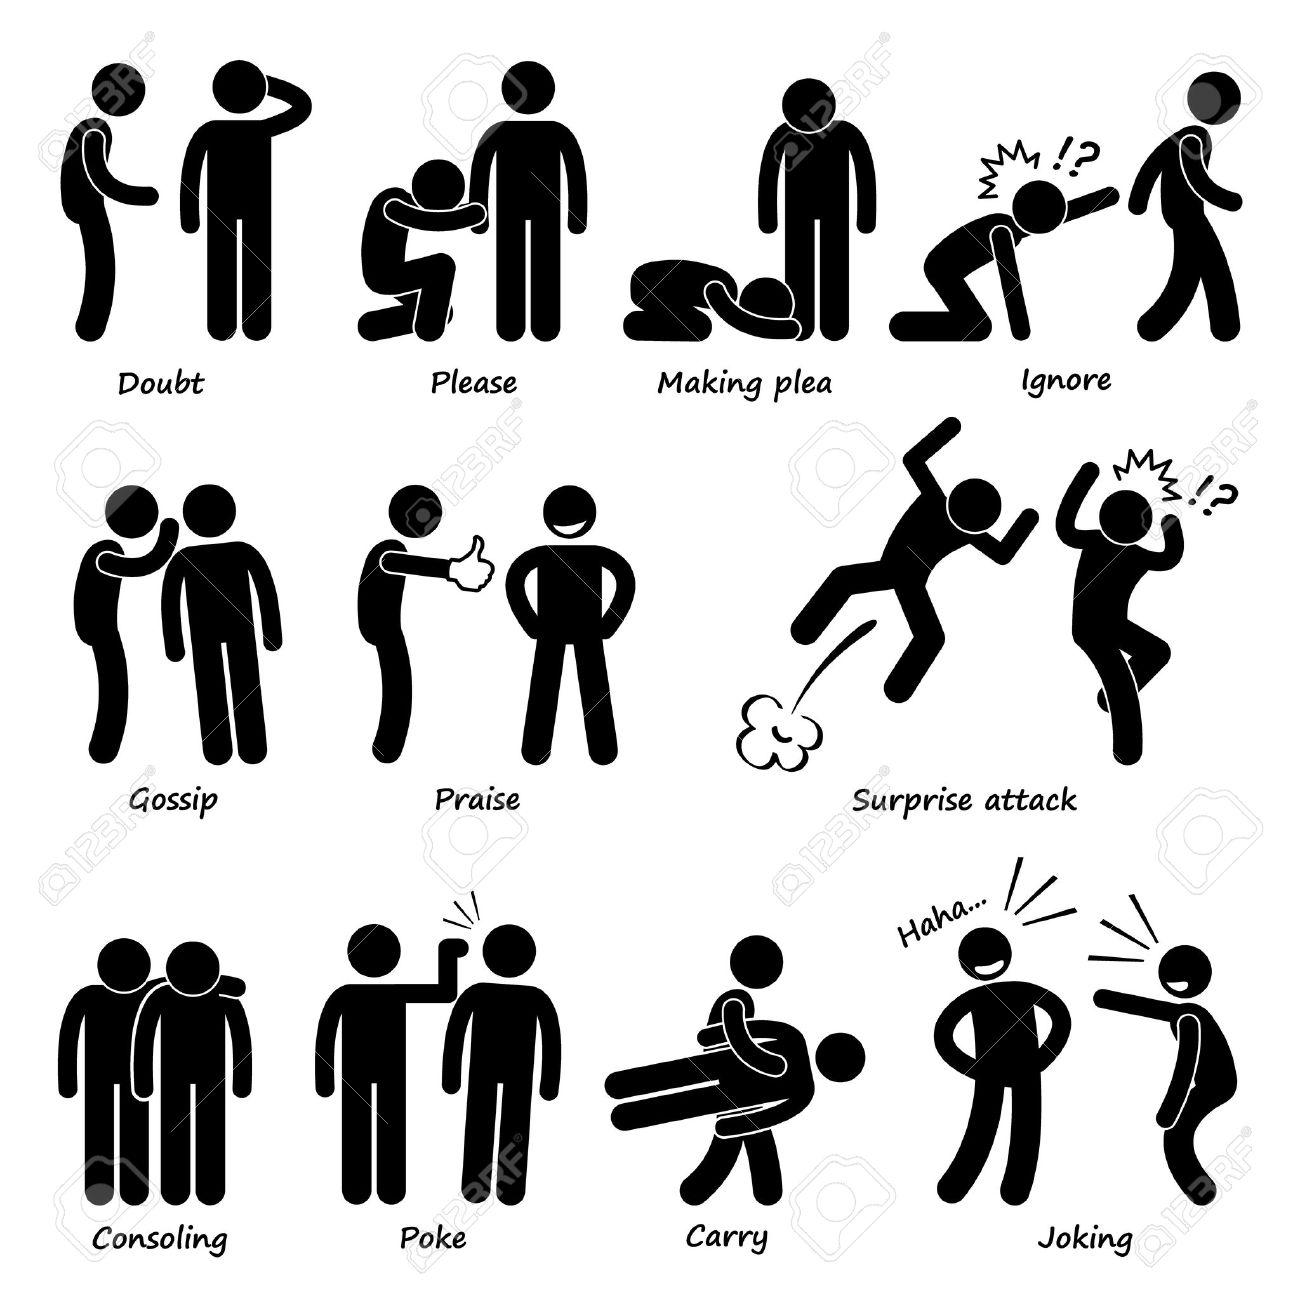 1300x1300 Human Man Action Emotion Stick Figure Pictogram Icons Lizenzfrei